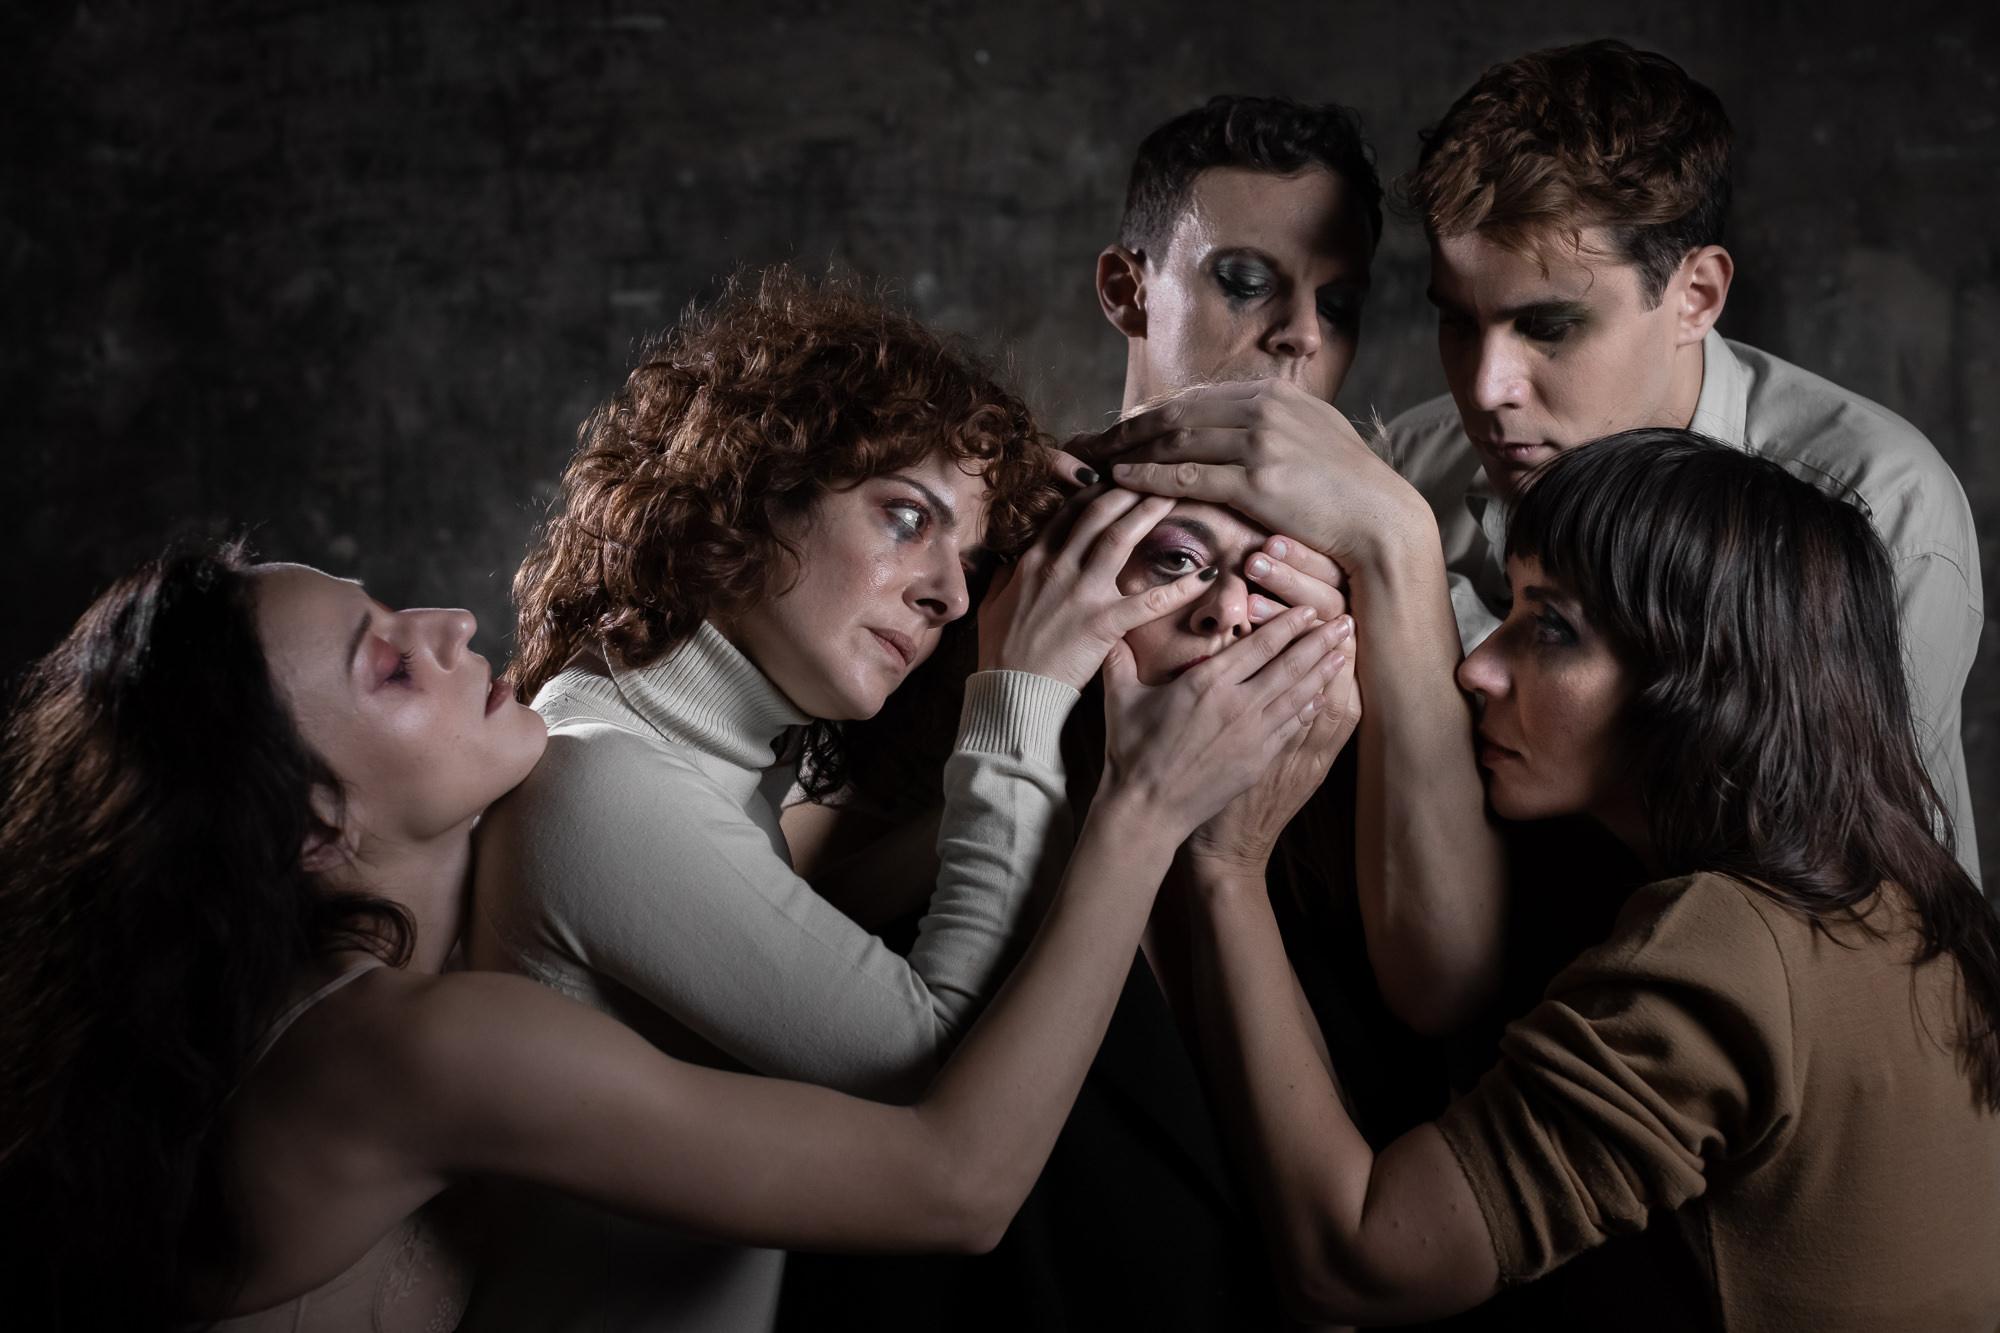 Αγάπησέ με |  Οι ήρωες αποφάσισαν να πάρουν τα ηνία στα χέρια τους, να αποκαλύψουν τα πάντα αποκλειστικά στην Athens Voice (official) και να συστηθούν χωρίς περιστροφές, χωρίς προσωπεία, χωρίς περιορισμούς. Μια αφοπλιστική συνέντευξη χωρίς λογοκρισία. | https://www.viva.gr/tickets/theatre/bios/agapise-me/ | BIOS exploring urban culture